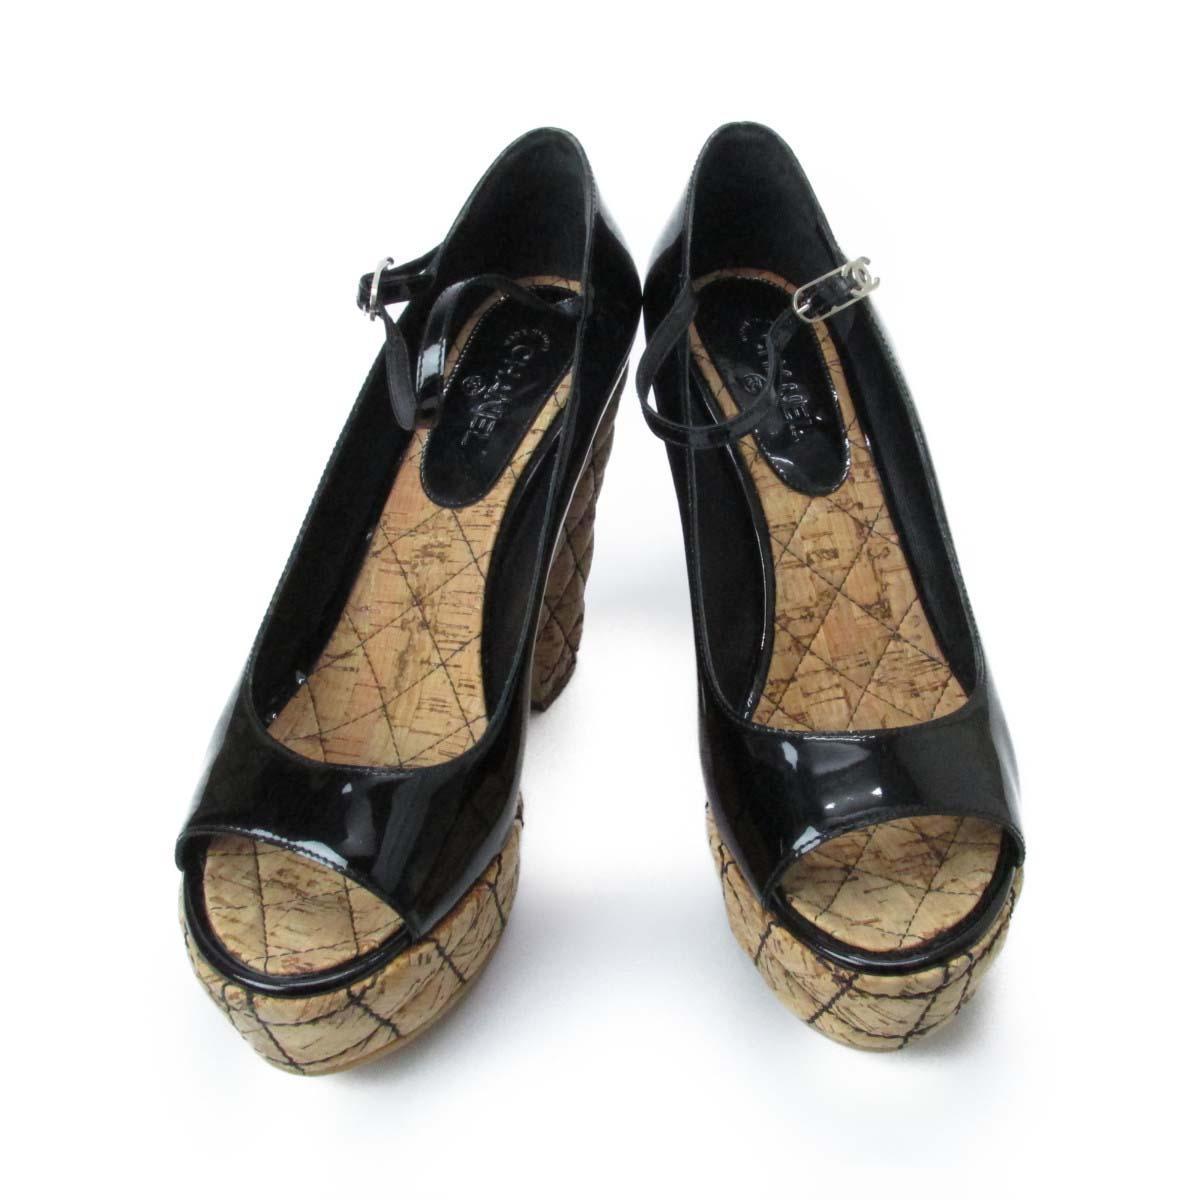 【中古】 シャネル サンダル レディース エナメルパテント/ウッド | CHANEL くつ 靴 サンダル 美品 ブランドオフ